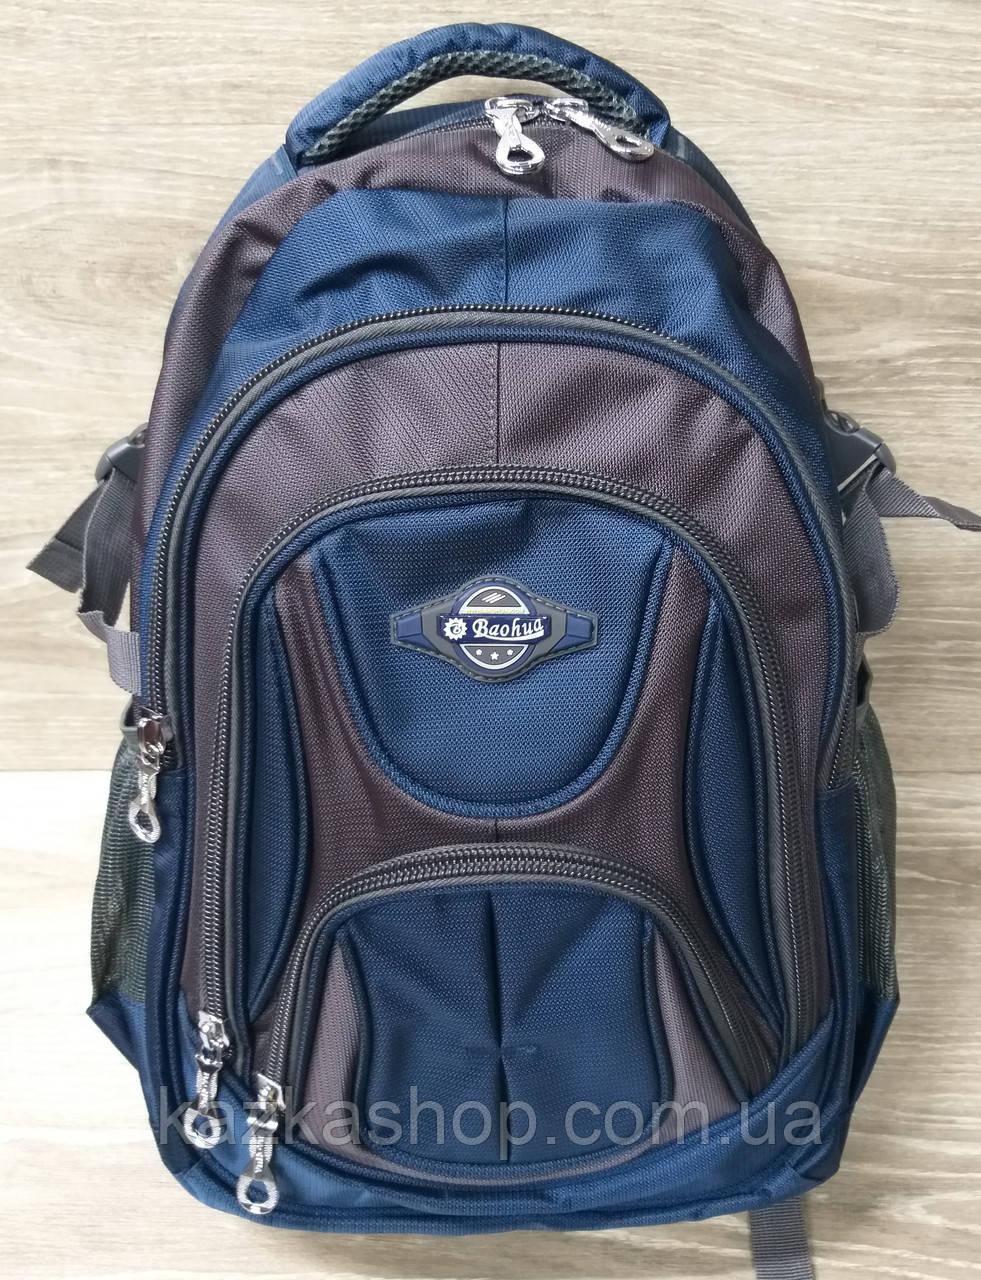 Школьный прочный, усиленный рюкзак Baohua, на несколько отделов, широкая молния, S-образные лямки, 28х43 см